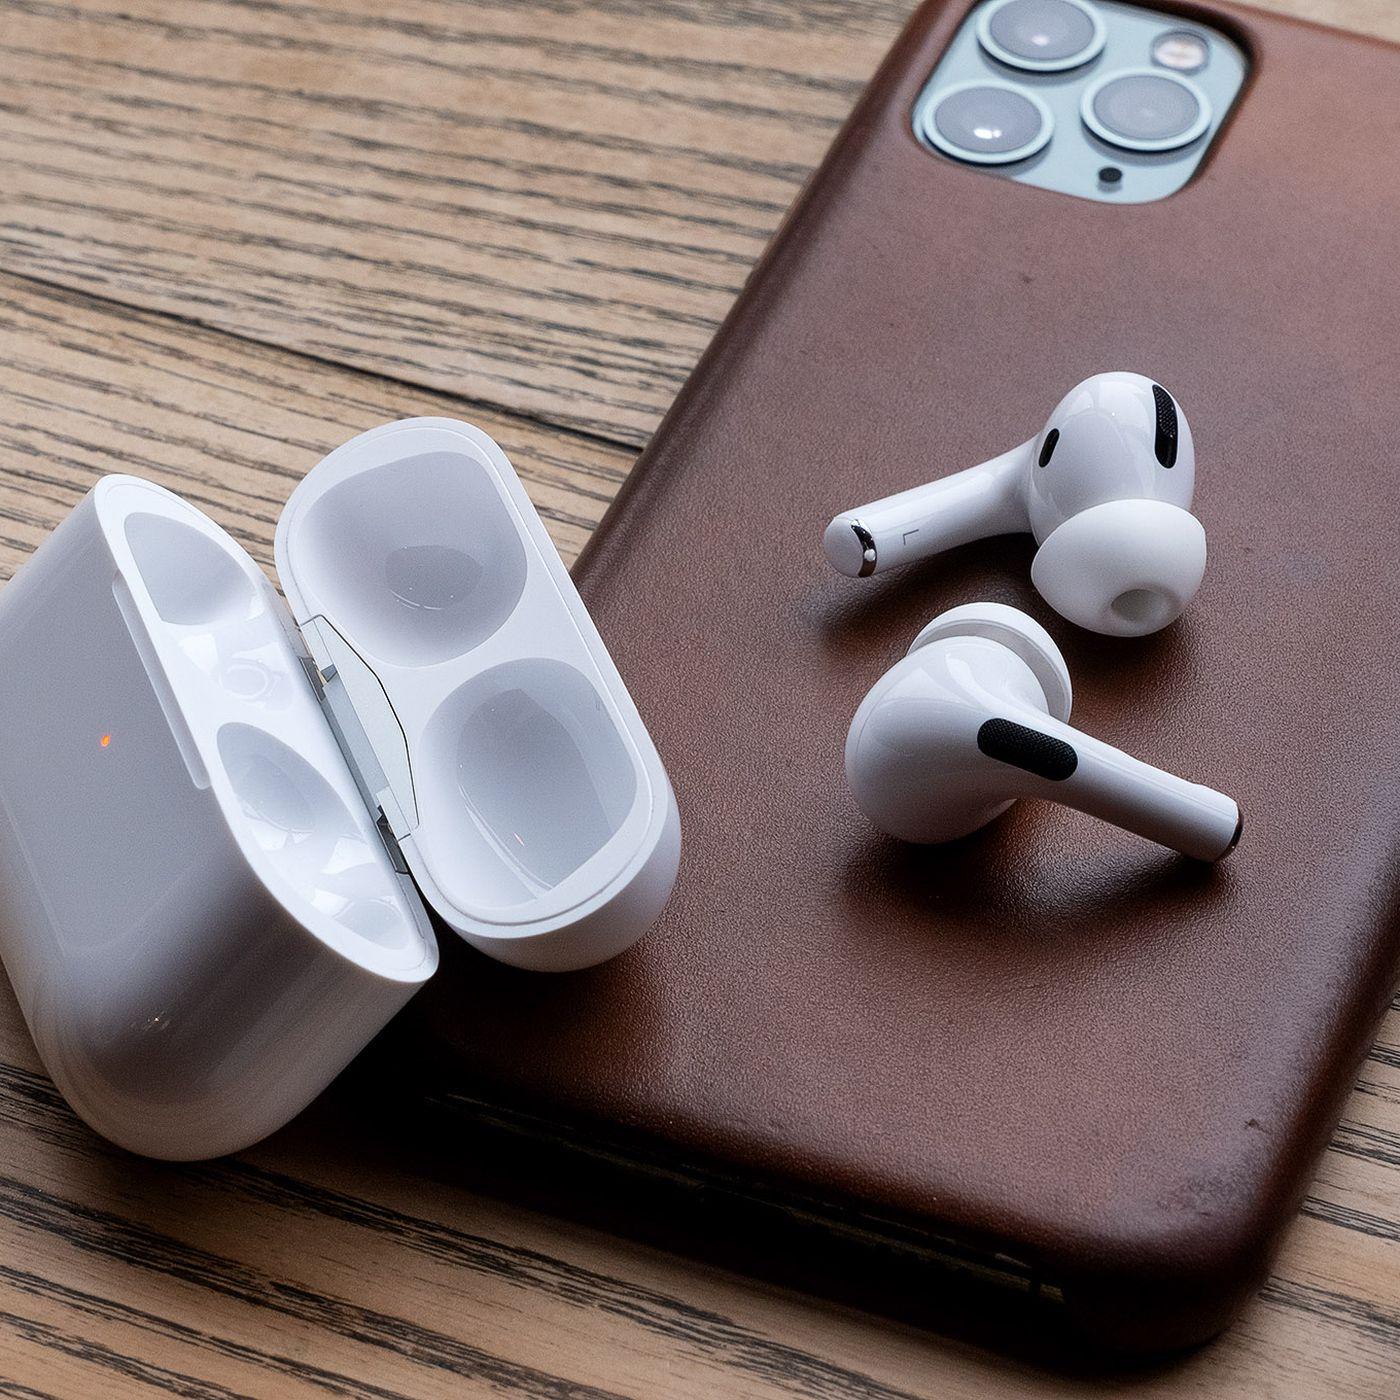 Deal hot trong tuần: Hơn chục món phụ kiện điện thoại đang sale mạnh mẽ không mua là phí - Ảnh 10.